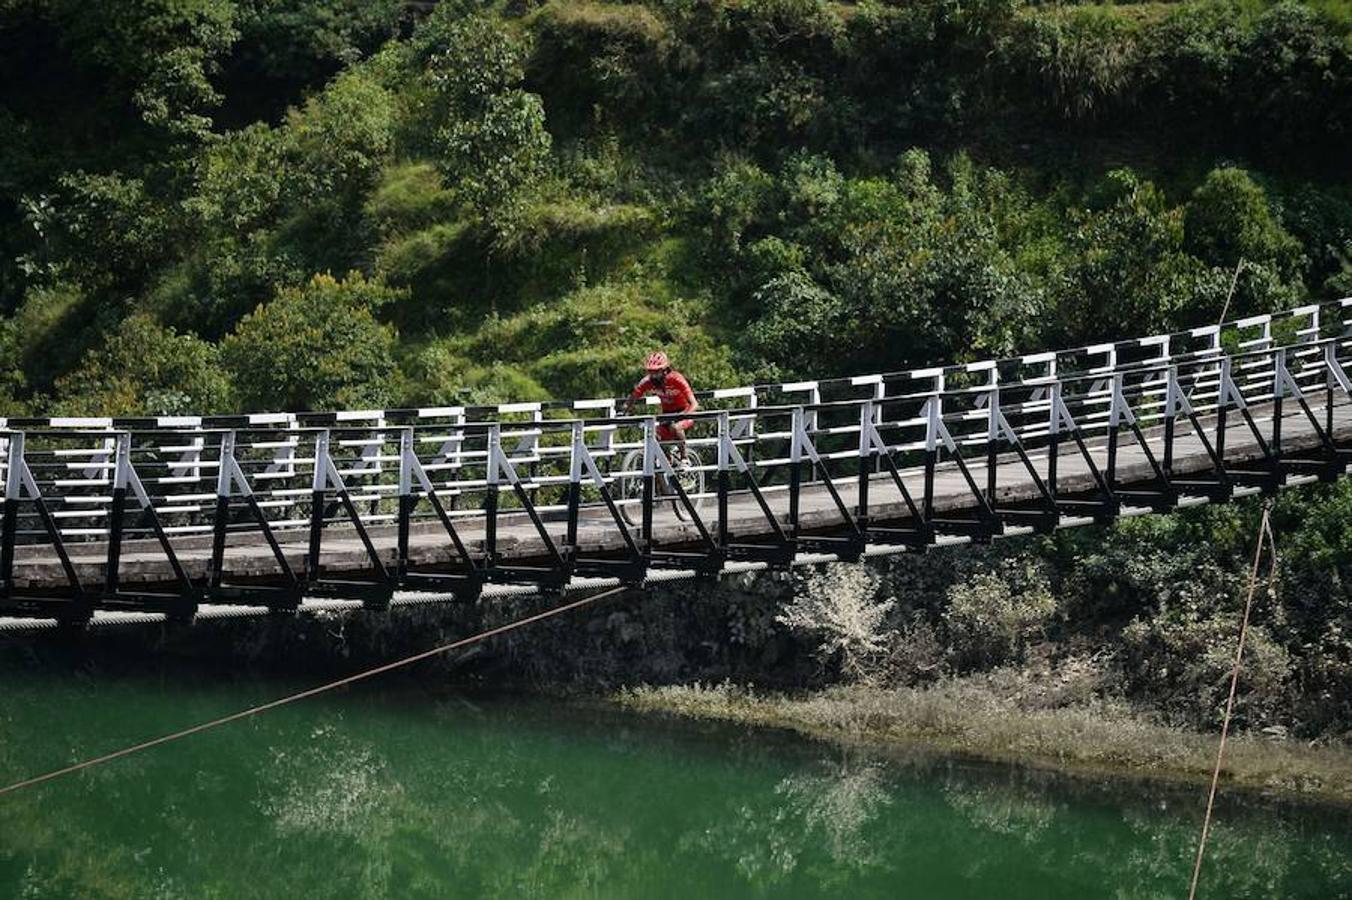 Ciclistas en la Carrera de Cross country Hero MTB Himalaya